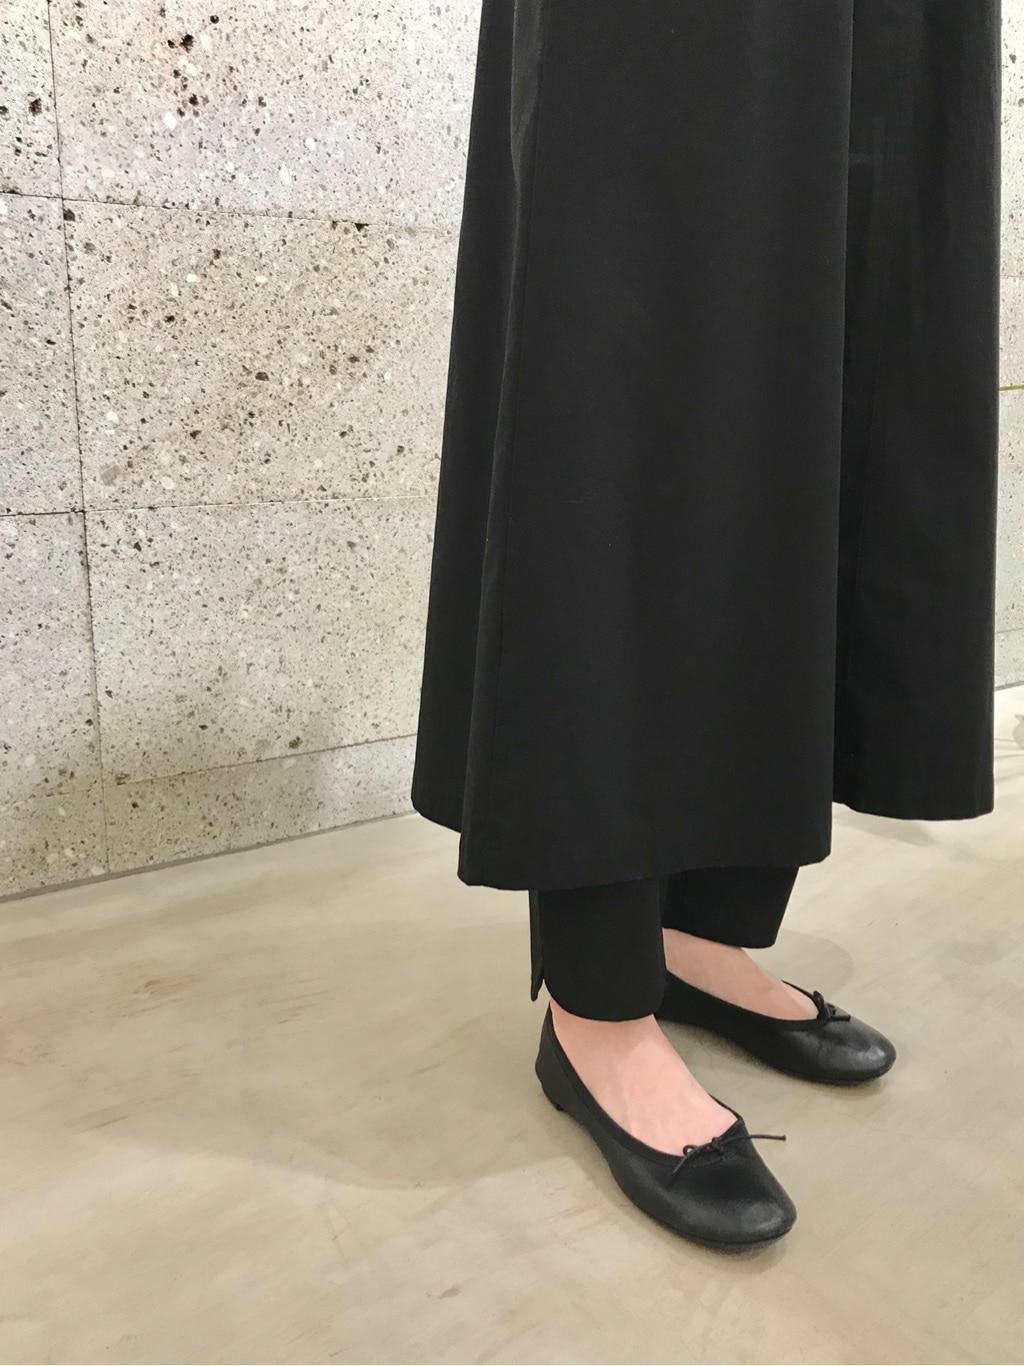 yuni ニュウマン横浜 身長:166cm 2021.02.26